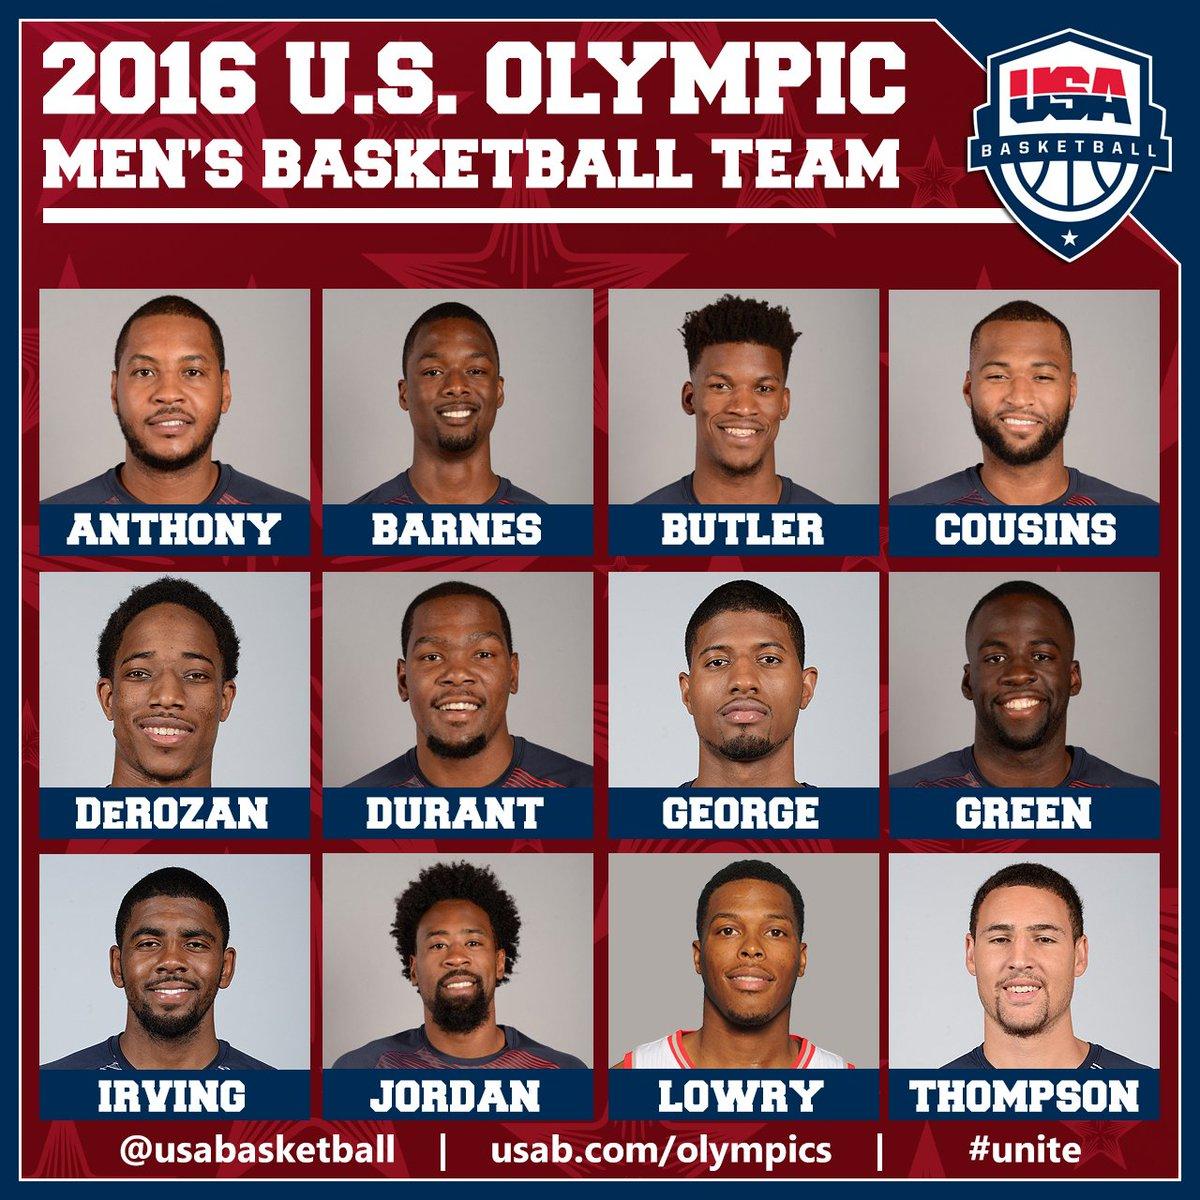 Meet the 2016 U.S. Olympic Men's Basketball Team  Roster: https://t.co/SVpGiA5Dxl  #UNITE #RoadToRio #USABMNT https://t.co/hcg1tqPUOX